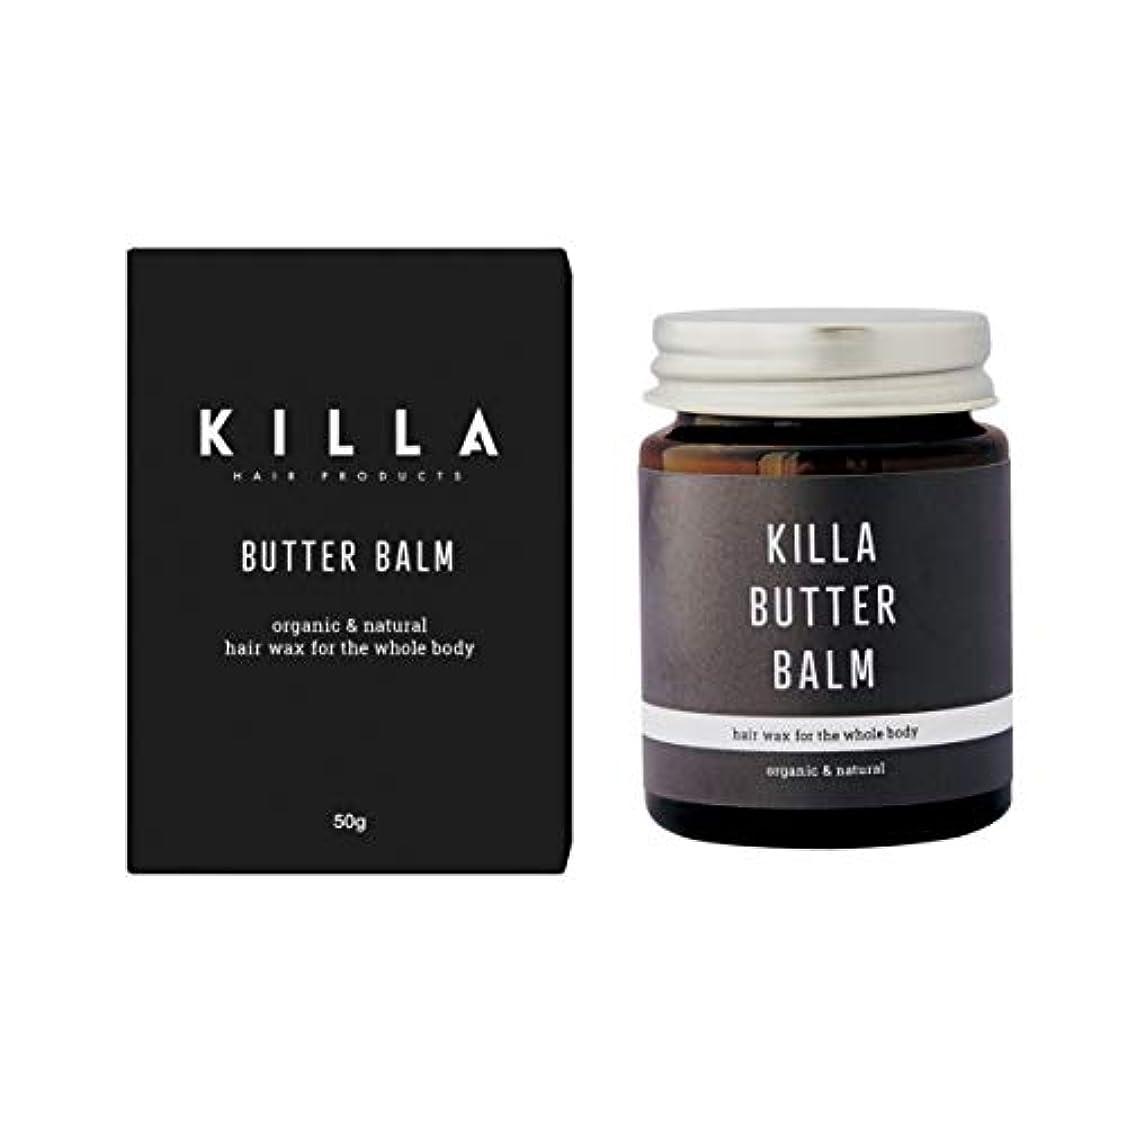 力学行列薬キラバターバーム 50g シアバターワックス オーガニック リップクリーム&ハンドクリームとしても使用可 柑橘系シトラスの香り KILLA PRODUCT/キラプロダクト